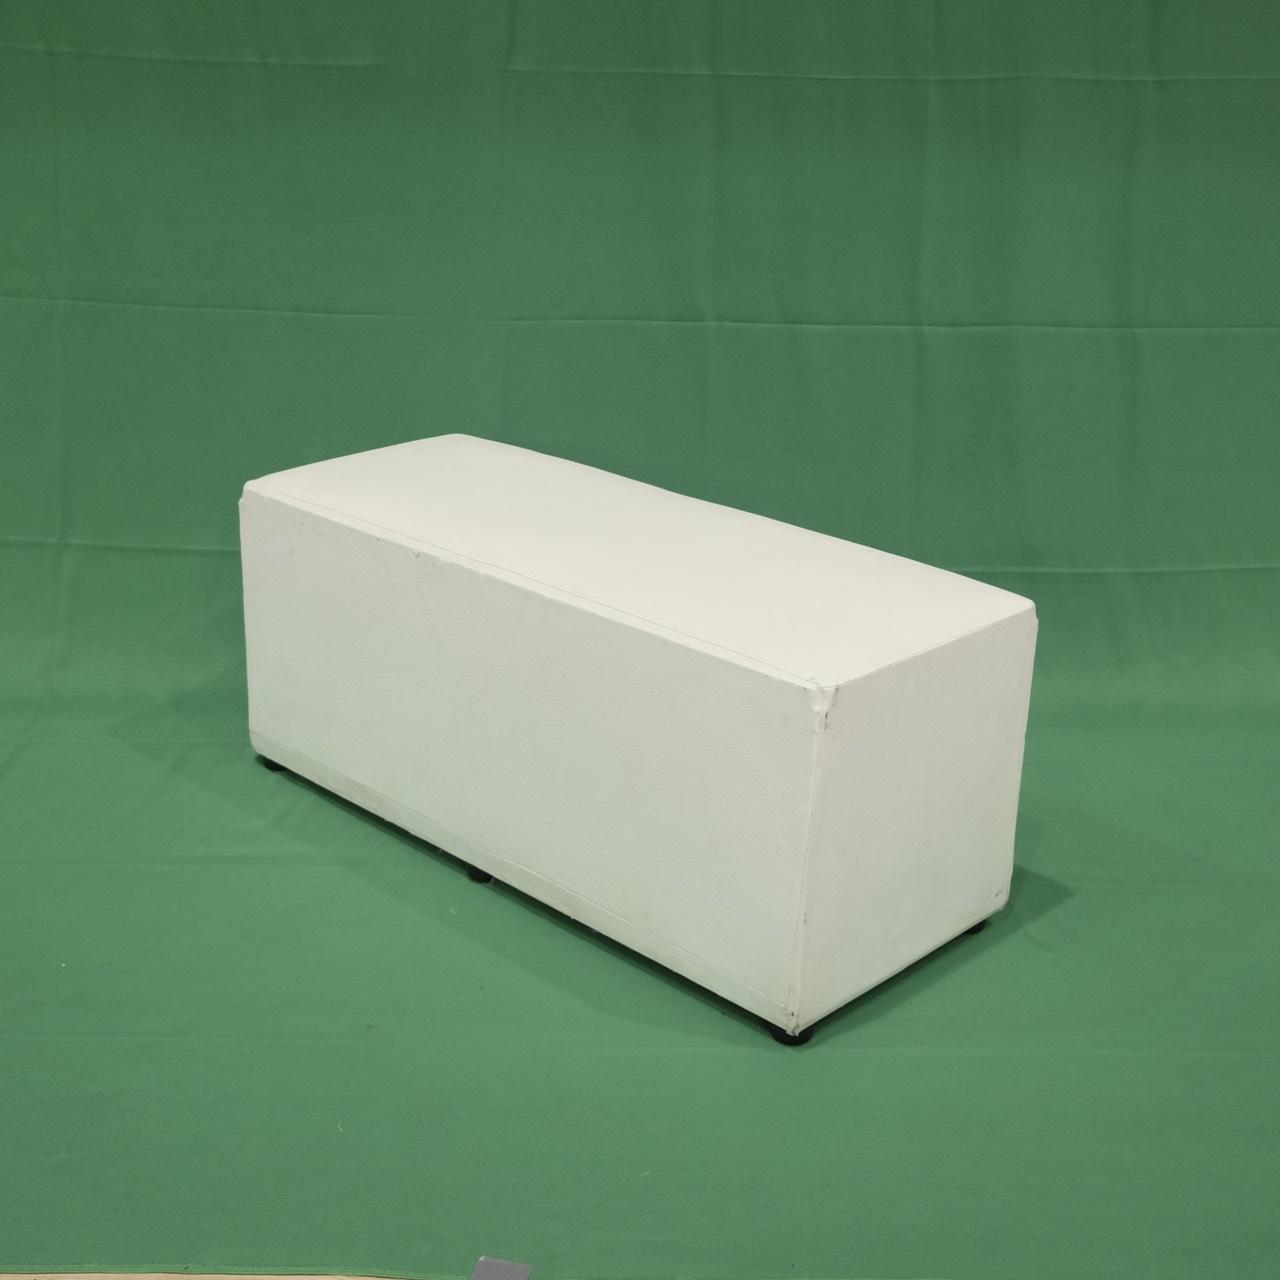 เช่าเก้าอี้สตูลลูกเต๋ายาว 3 ที่นั่ง สีขาว